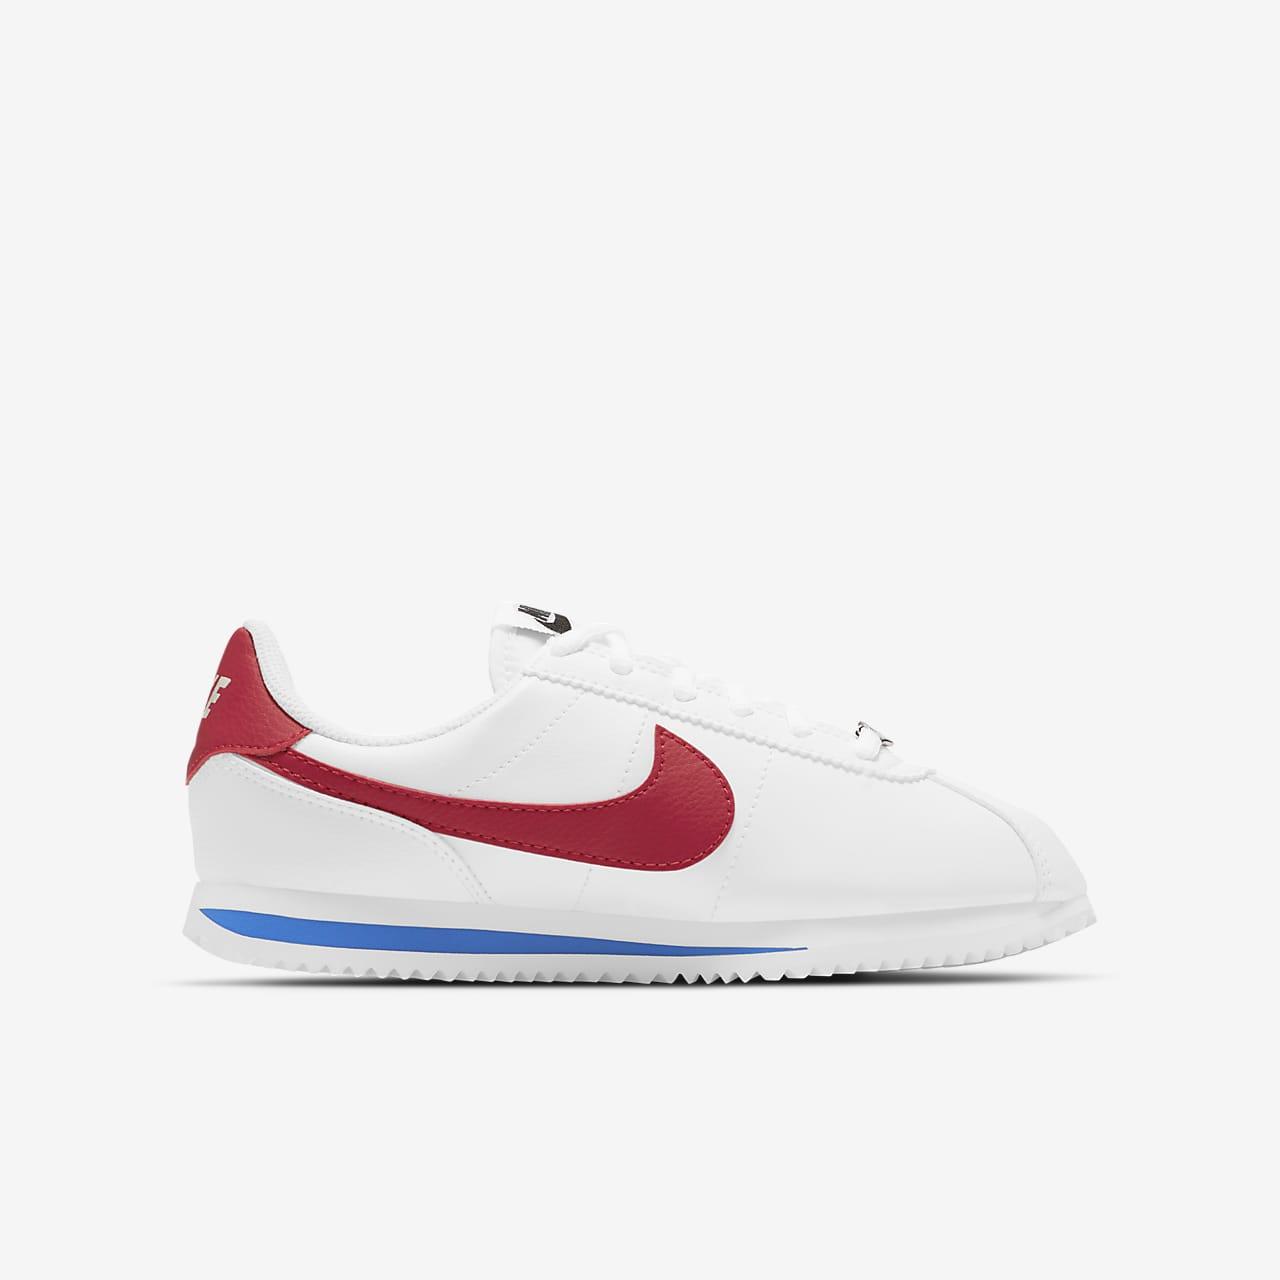 Nouveaux produits 73bfd a97dd Nike Cortez Basic SL Older Kids' Shoe